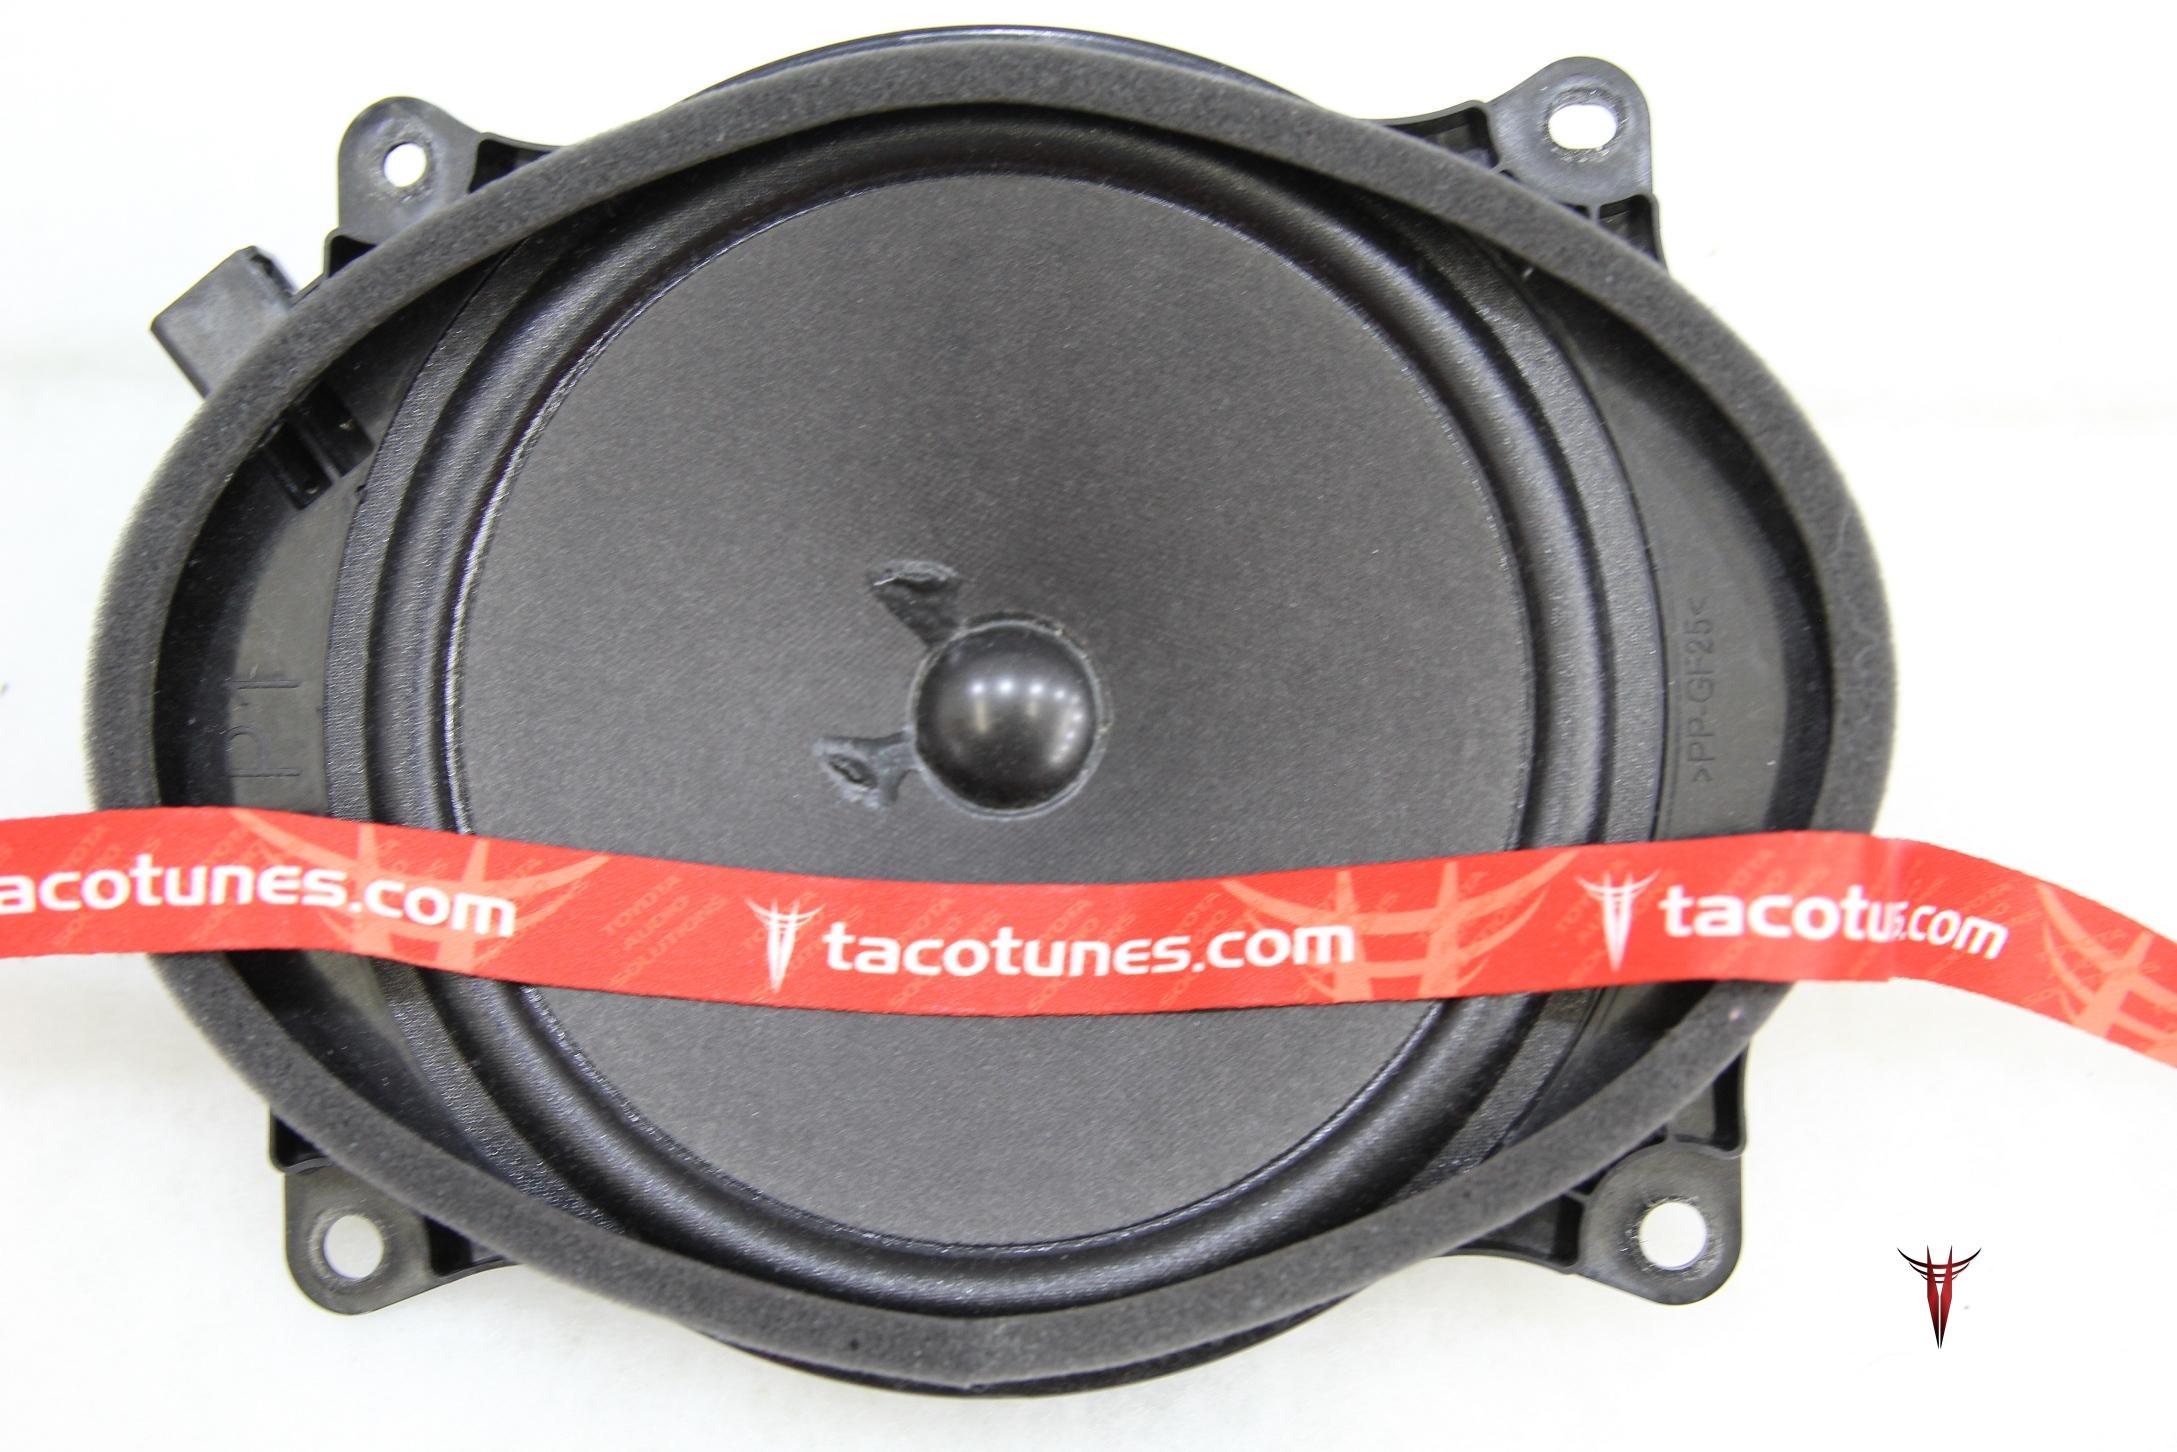 toyota camry rear dash speaker part number 86160 06450. Black Bedroom Furniture Sets. Home Design Ideas